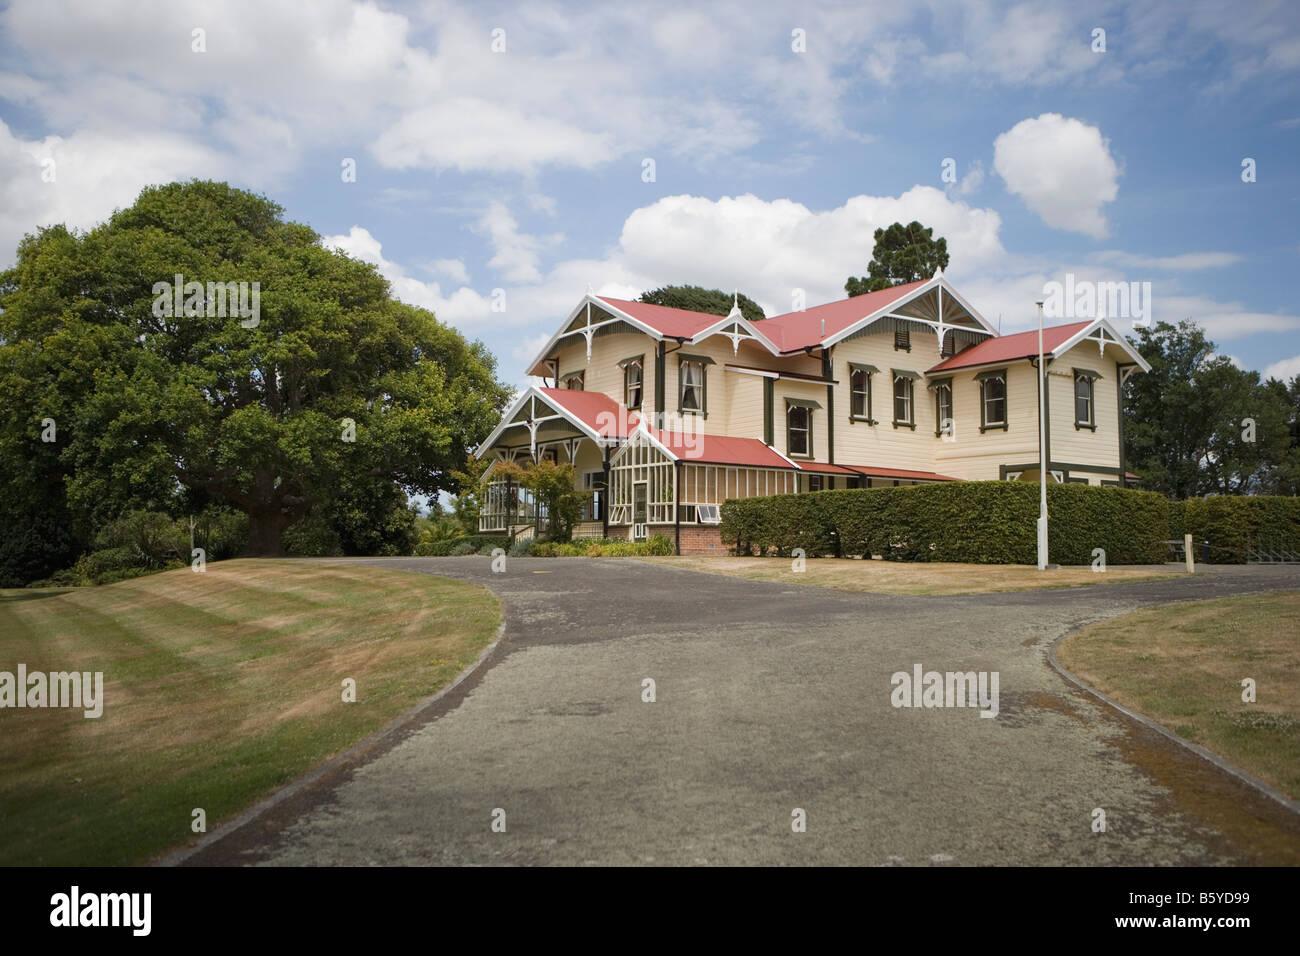 Caccia chambre grand traditionnel accueil à Palmerston North Nouvelle Zélande maintenant disponibles à la location en fonction du lieu Banque D'Images